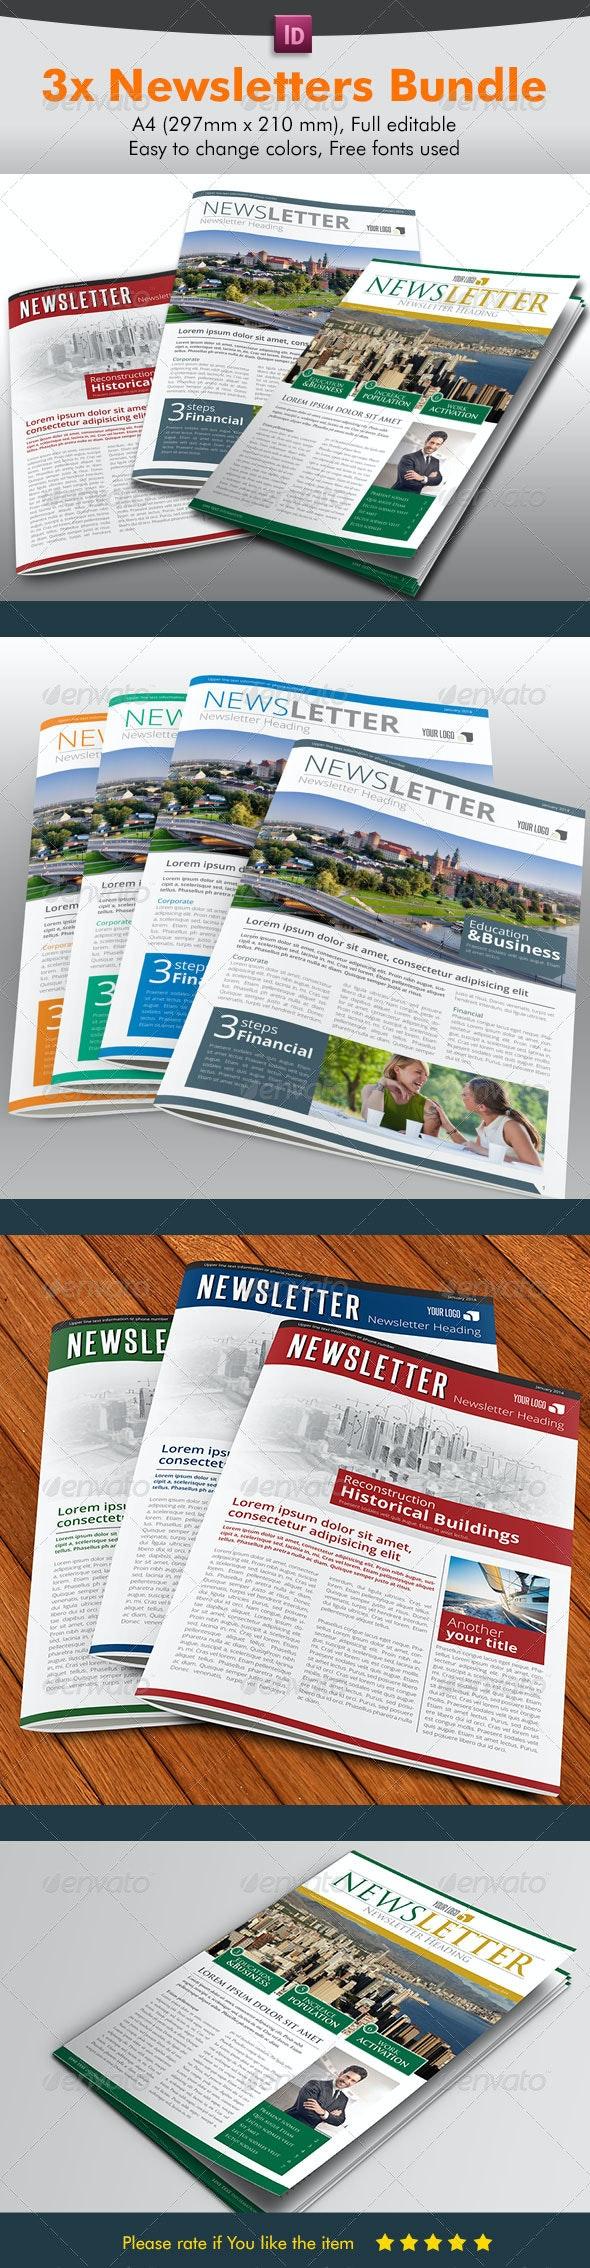 Newsletter Bundle Pack